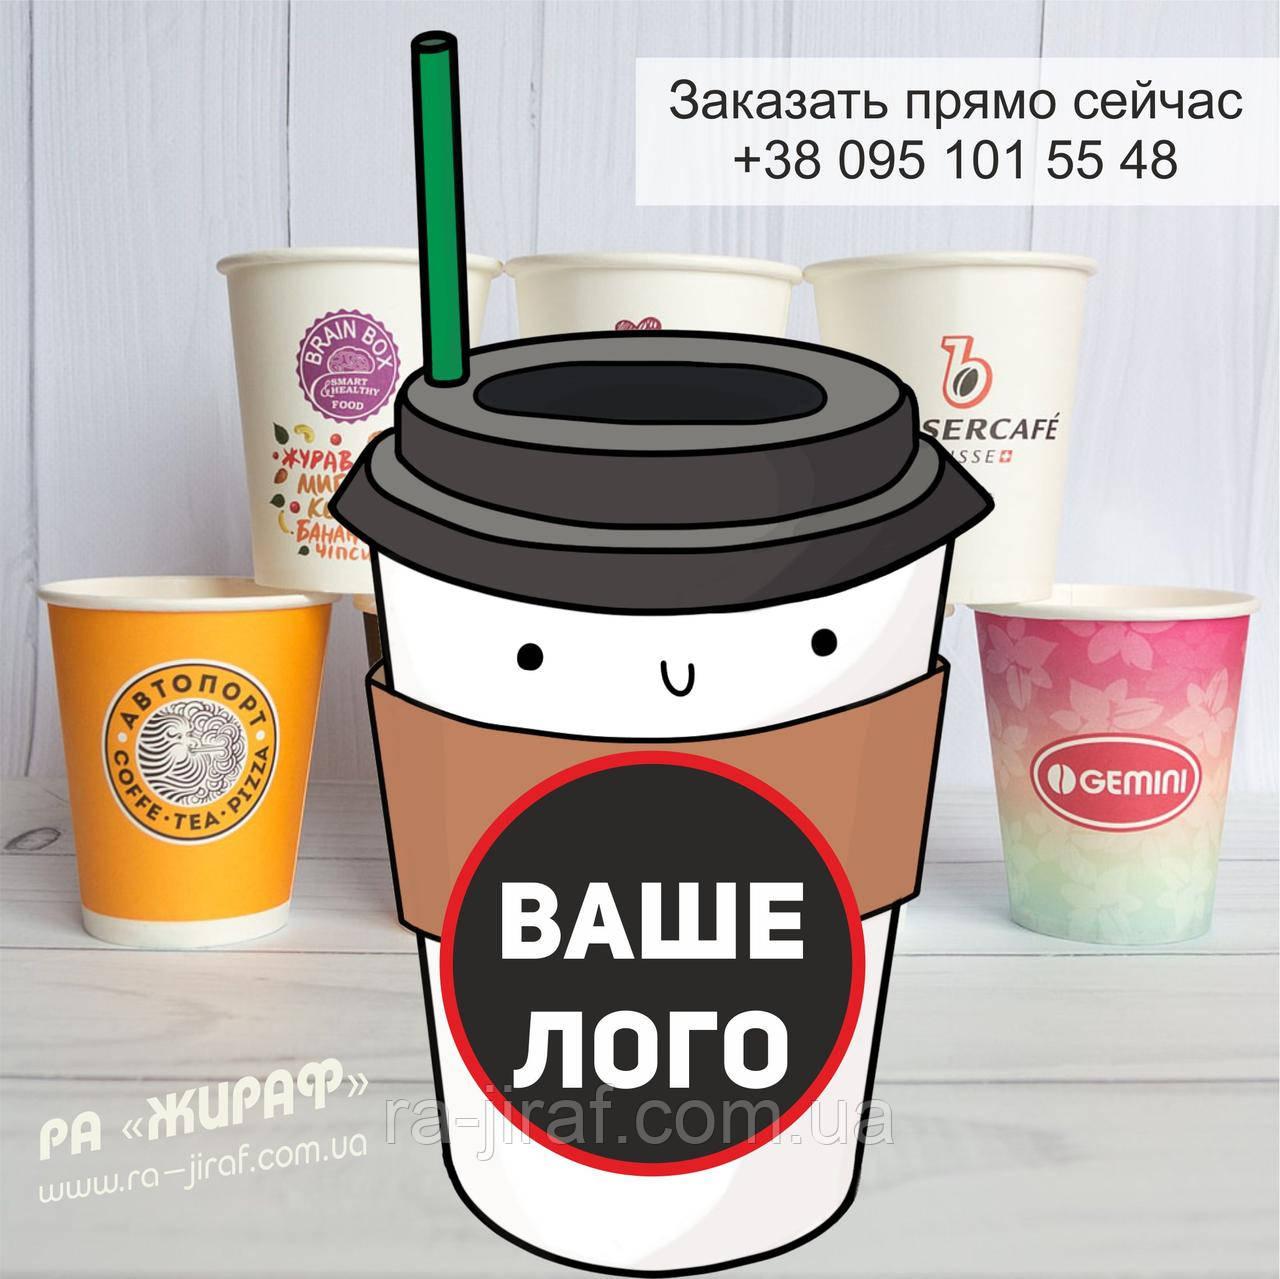 Бумажные стаканы с печатью и логотипом. Производство бумажных стаканчиков. Печать на стаканах для кофе и чая.